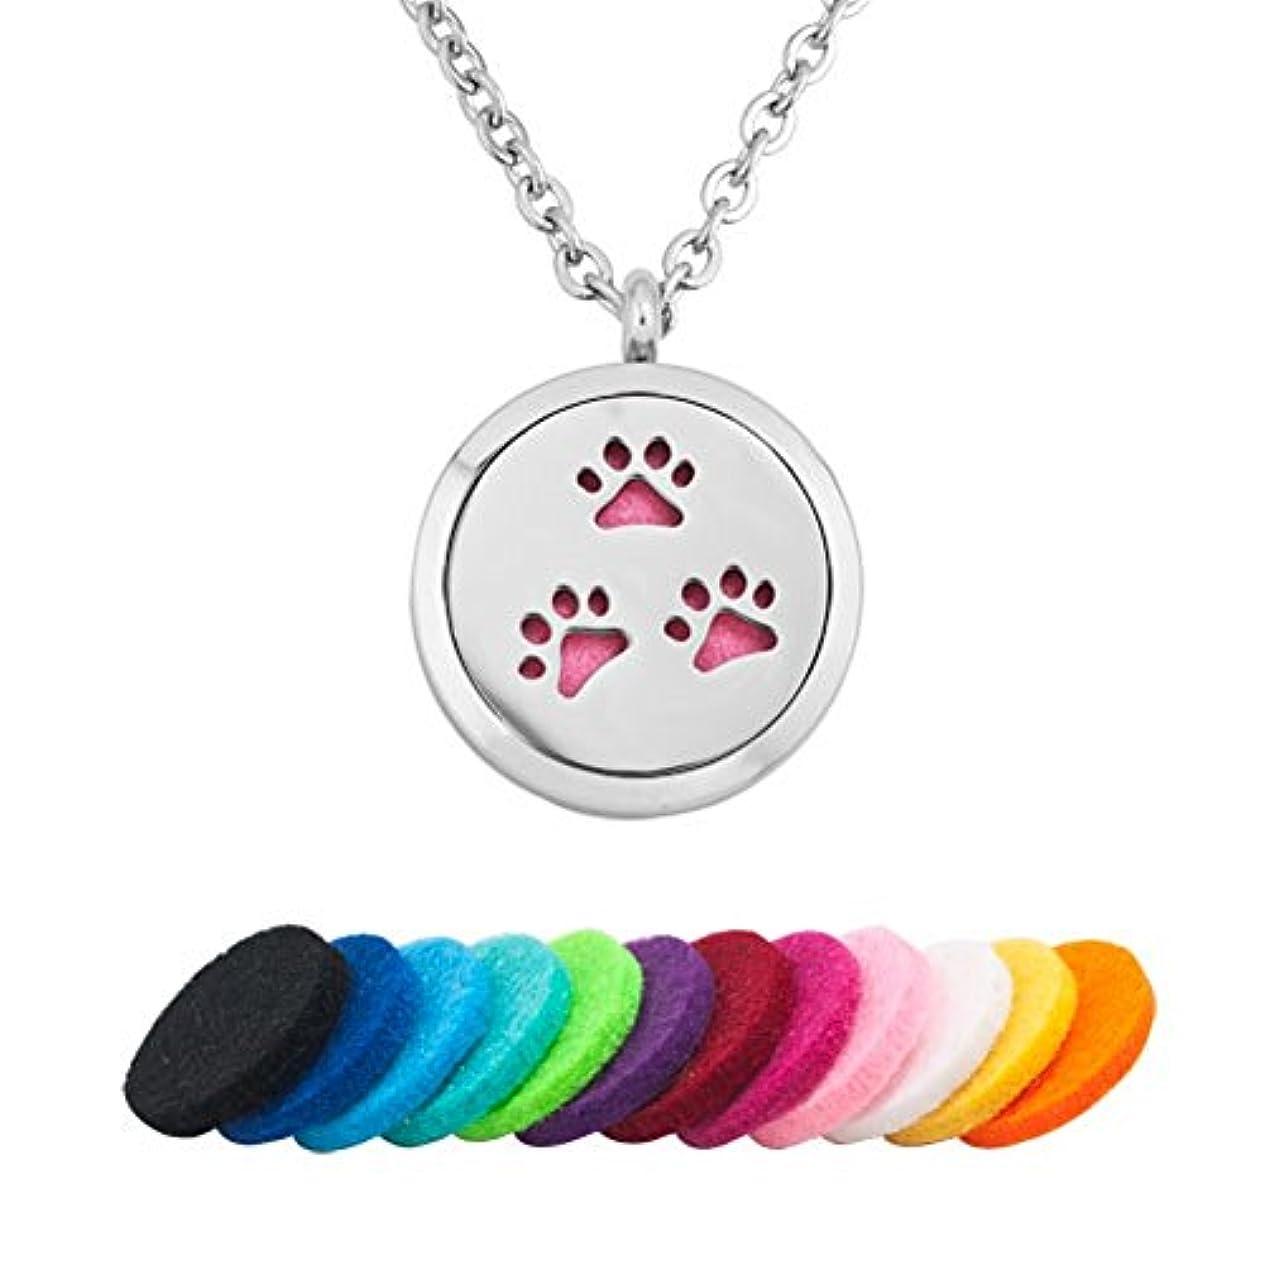 ペダル送信する薬局q &ロケットLove犬PawprintステンレススチールプレミアムAromatherapy Essential Oil Diffuserロケットネックレス